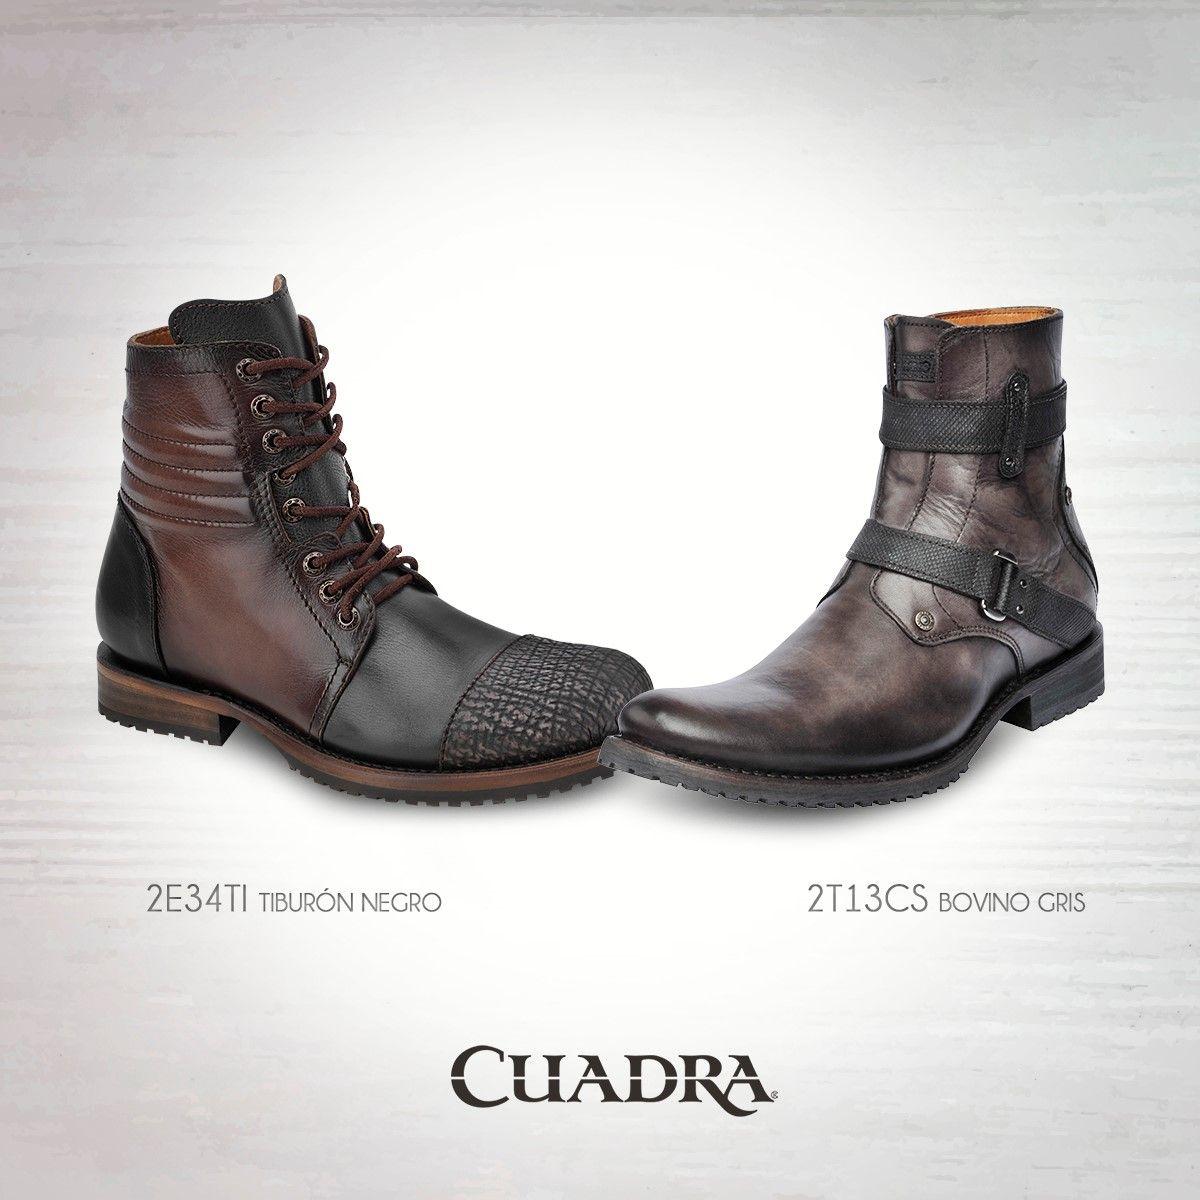 Botas de avestruz color gris ropa bolsas y calzado en mercadolibre -  Cuadra Boots Botas Exotic Leather Cuadrastyle